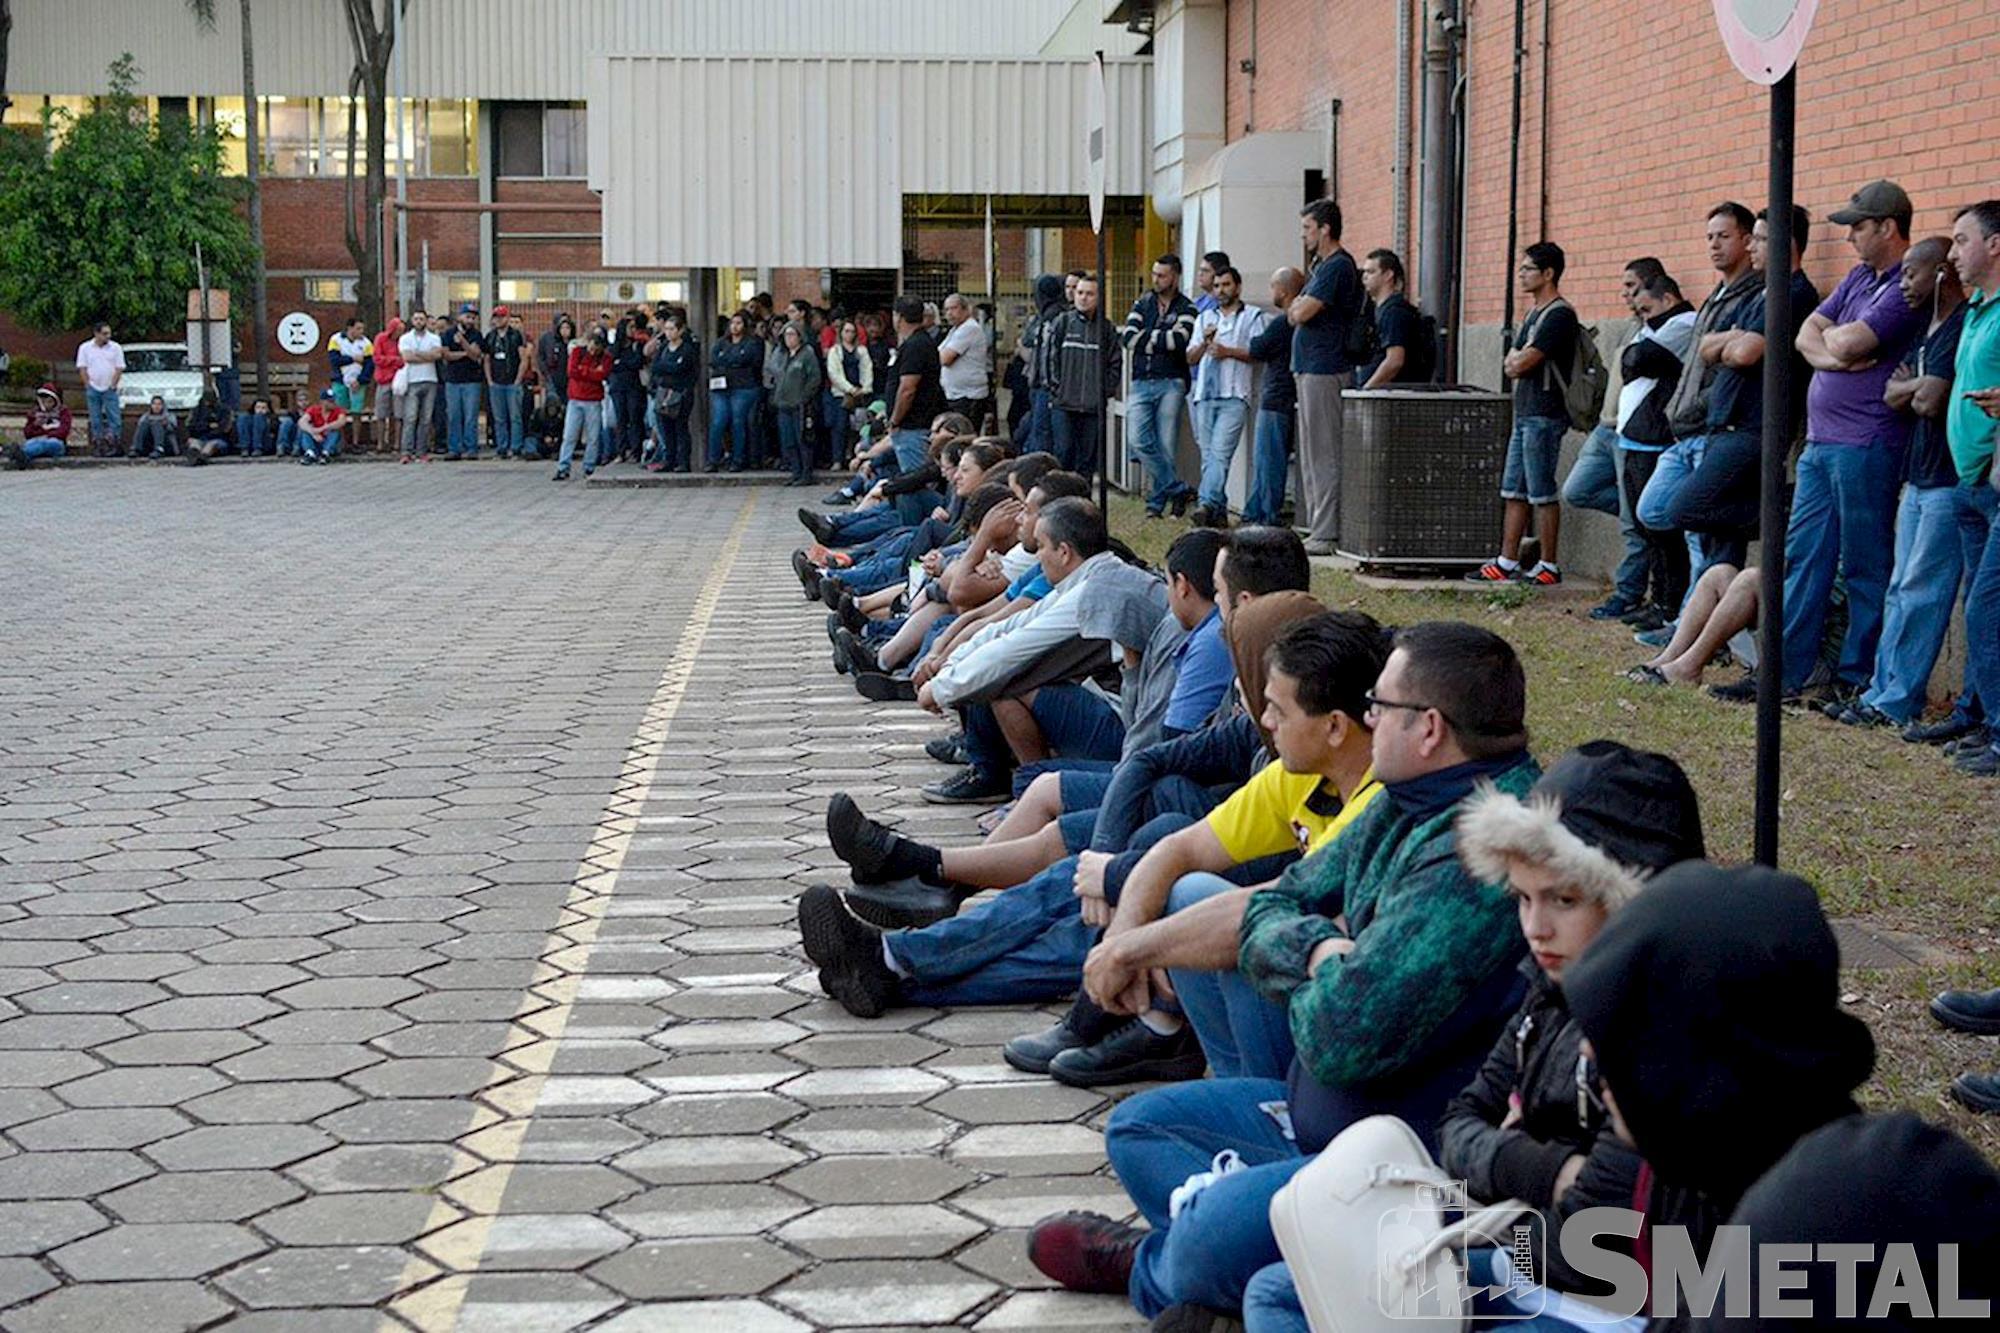 A Convenção Coletiva de Trabalho é a única ferramenta para garantir emprego digno., Daniela Gáspari e Foguinho, Metalúrgicos protestam em defesa da Convenção na Schaeffler